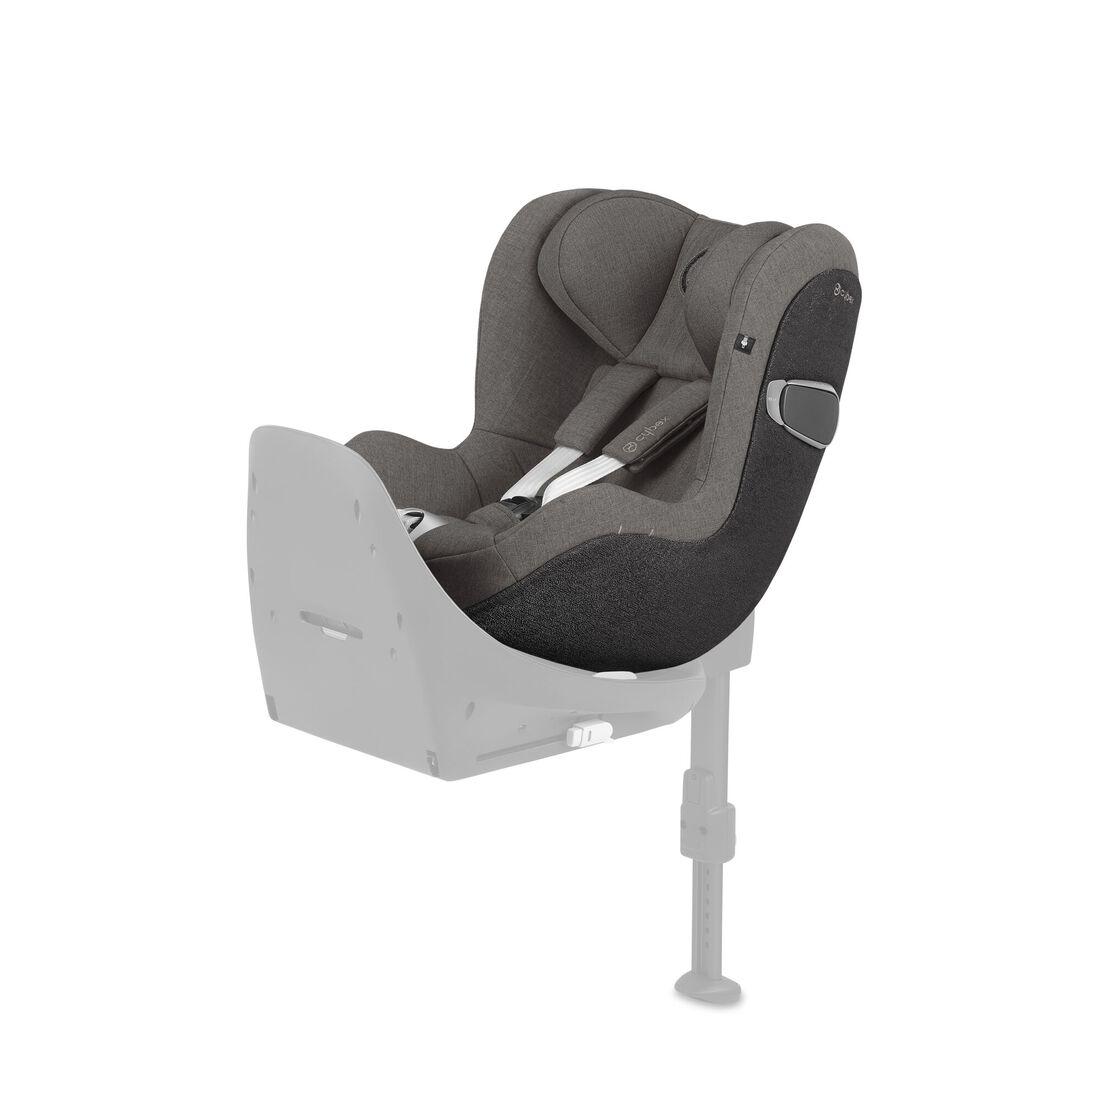 CYBEX Sirona Z i-Size - Soho Grey Plus in Soho Grey Plus large image number 1